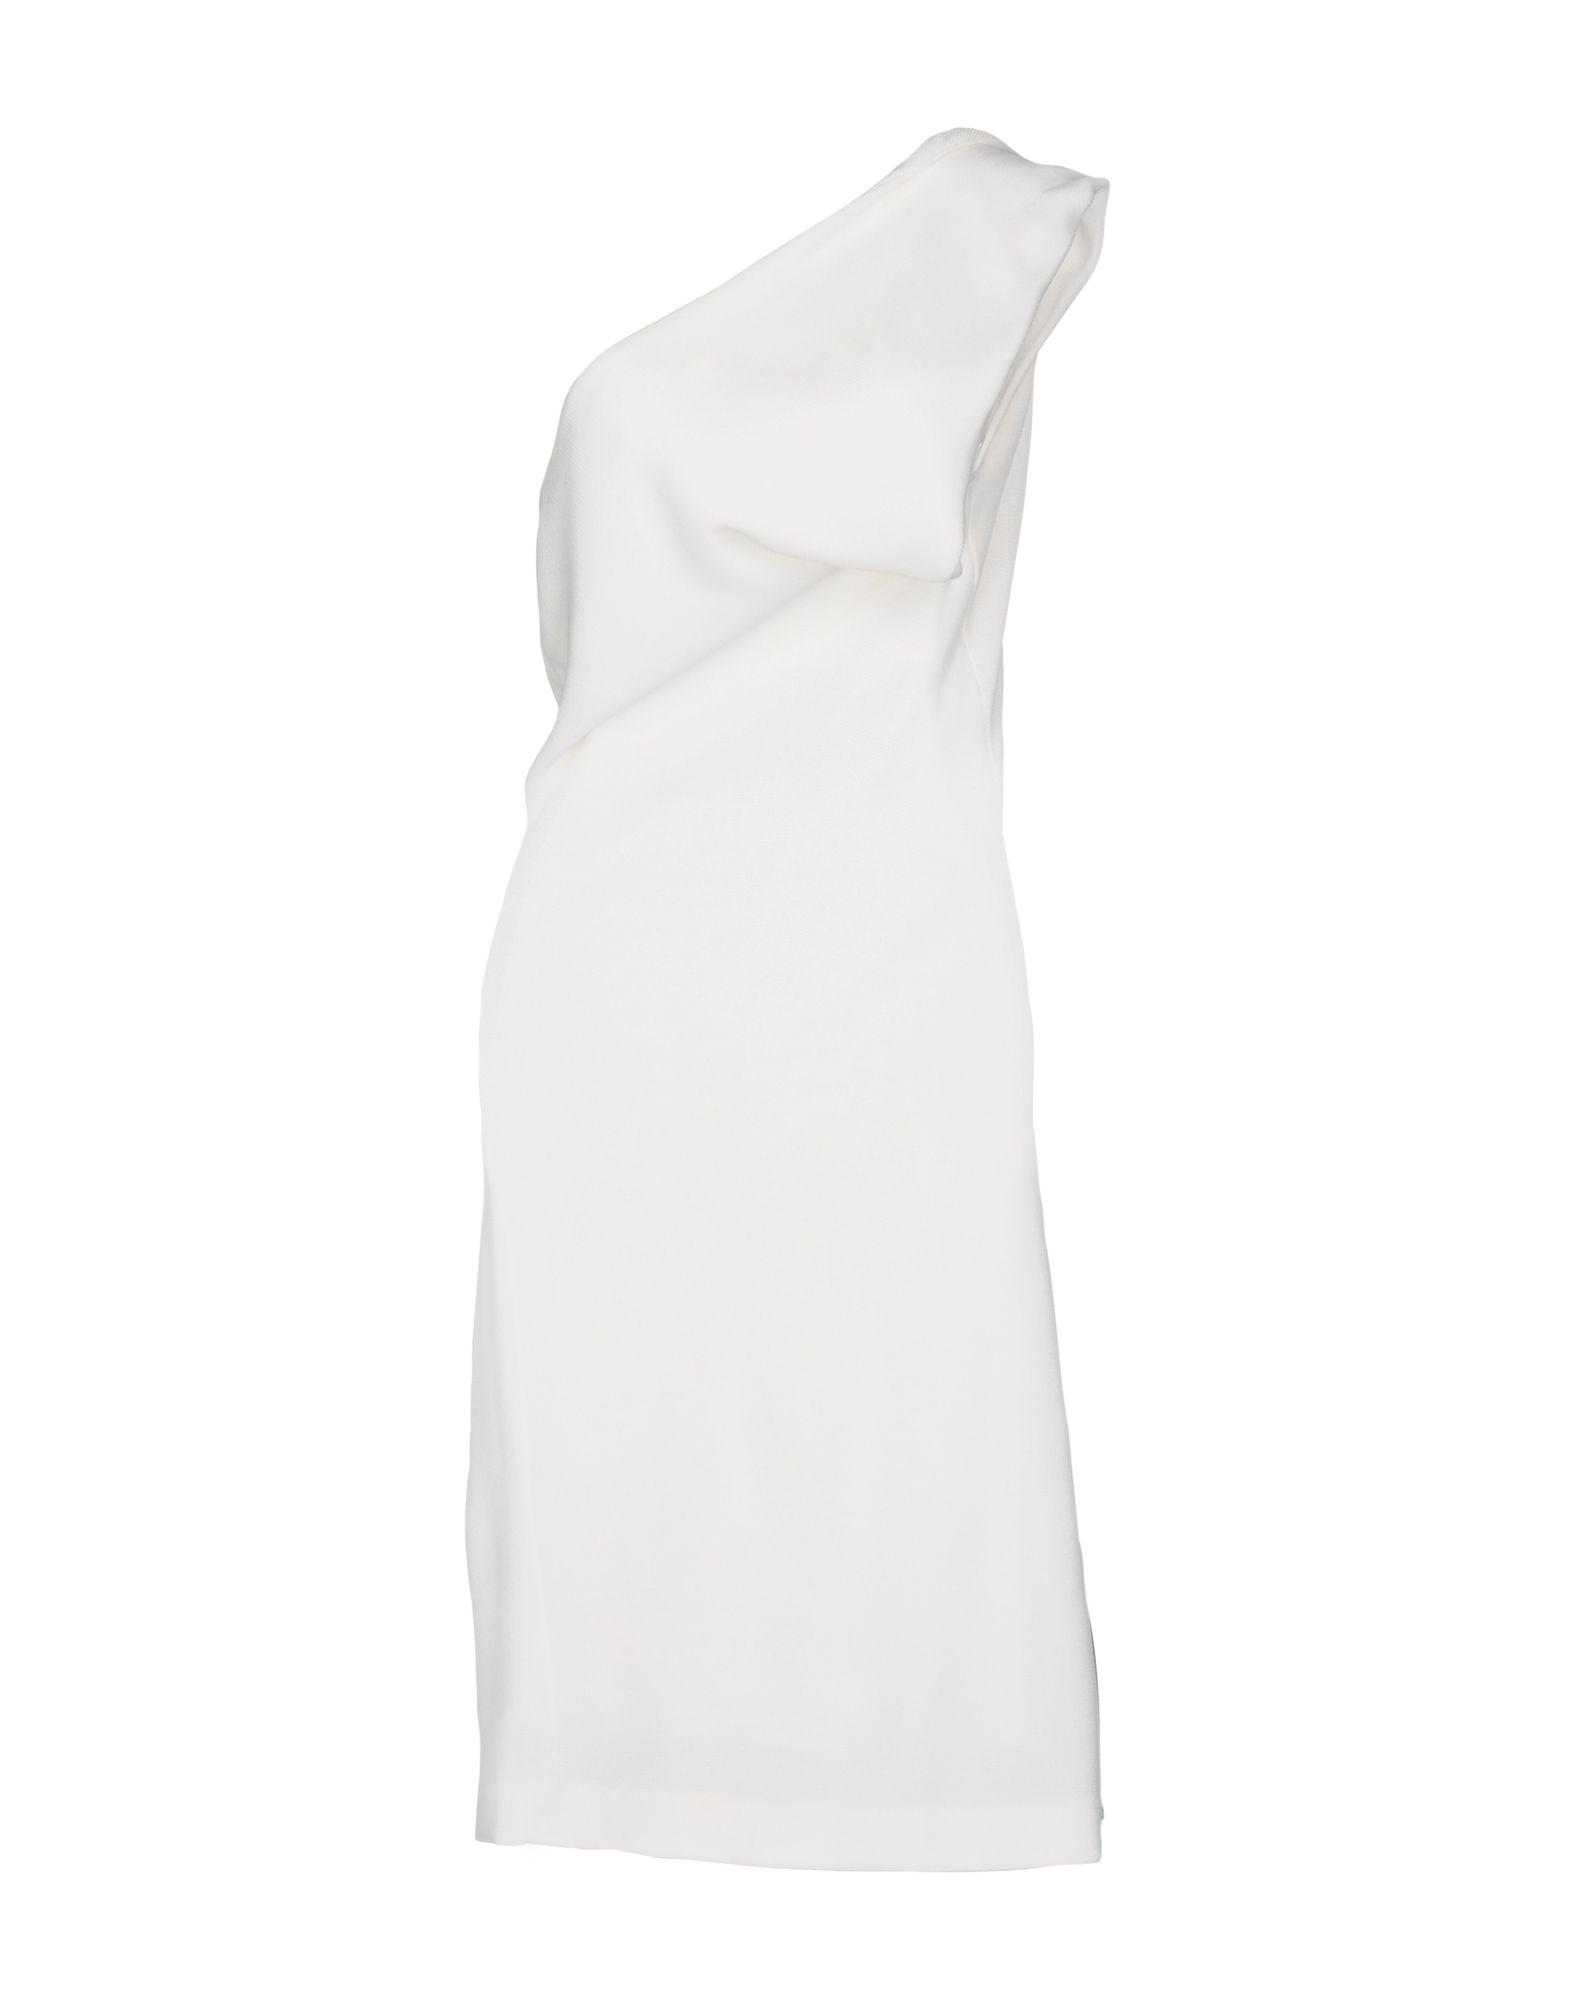 DSQUARED2 Damen Kurzes Kleid Farbe Elfenbein Größe 7 jetztbilligerkaufen